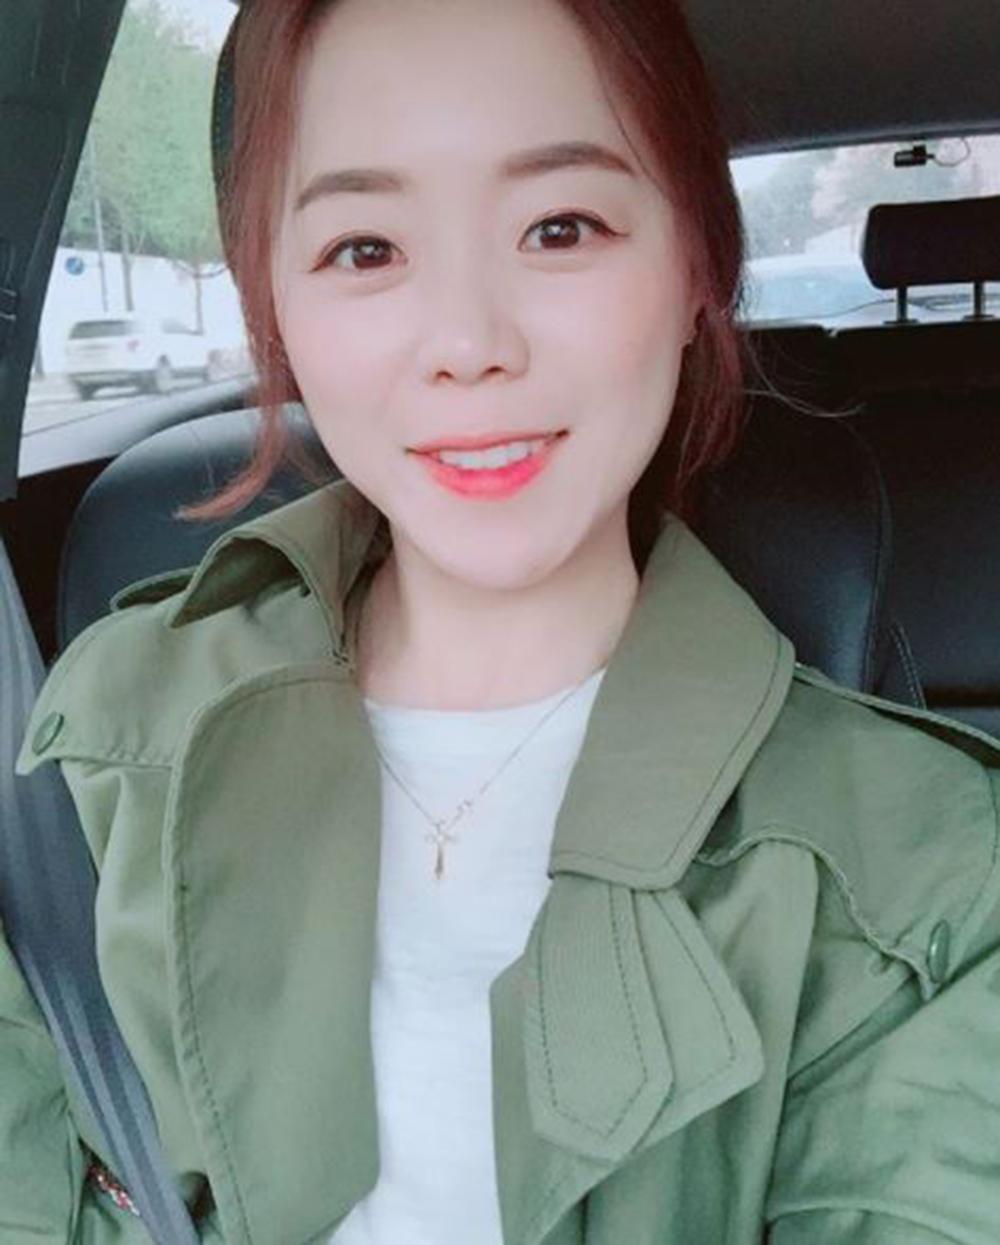 '리우 태극궁사' 장혜진, 연예인 못지않은 비주얼 화제…'상큼한 미소'